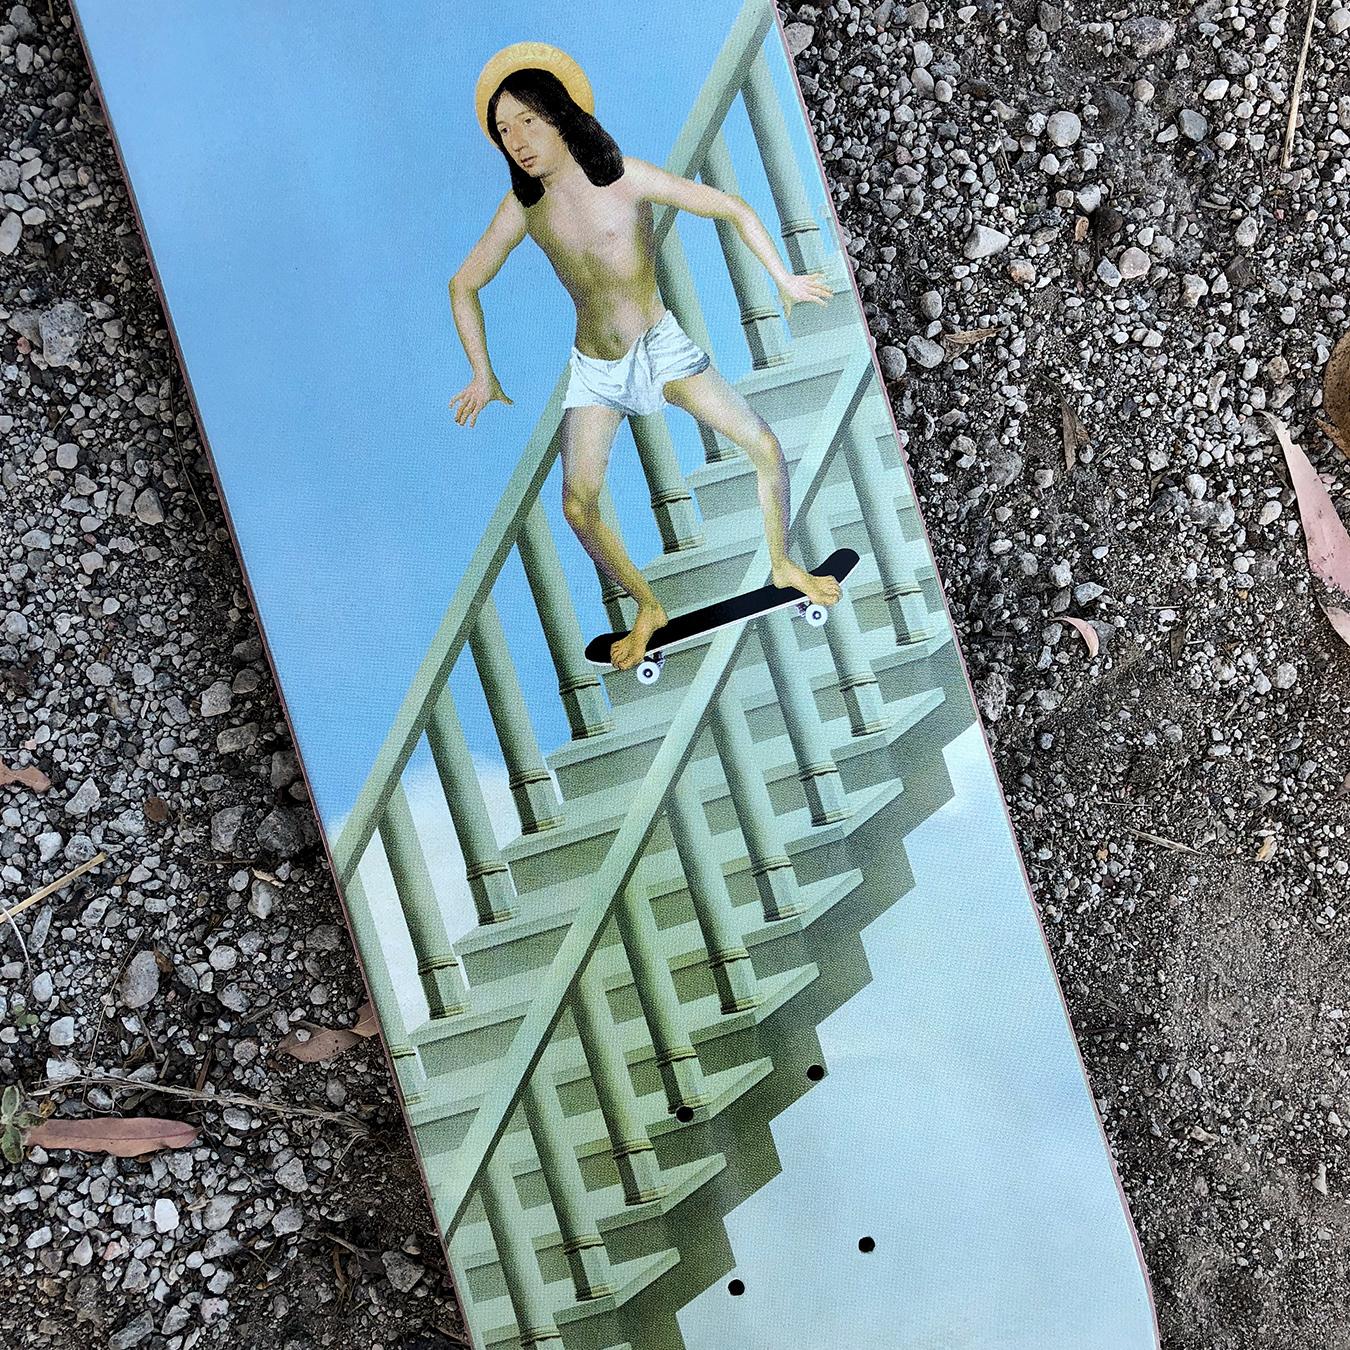 DARKSTAR-D1-SCORPION-DAGGER-FEATURE-Cameo_Wilson_Skateboard_Deck.JPG